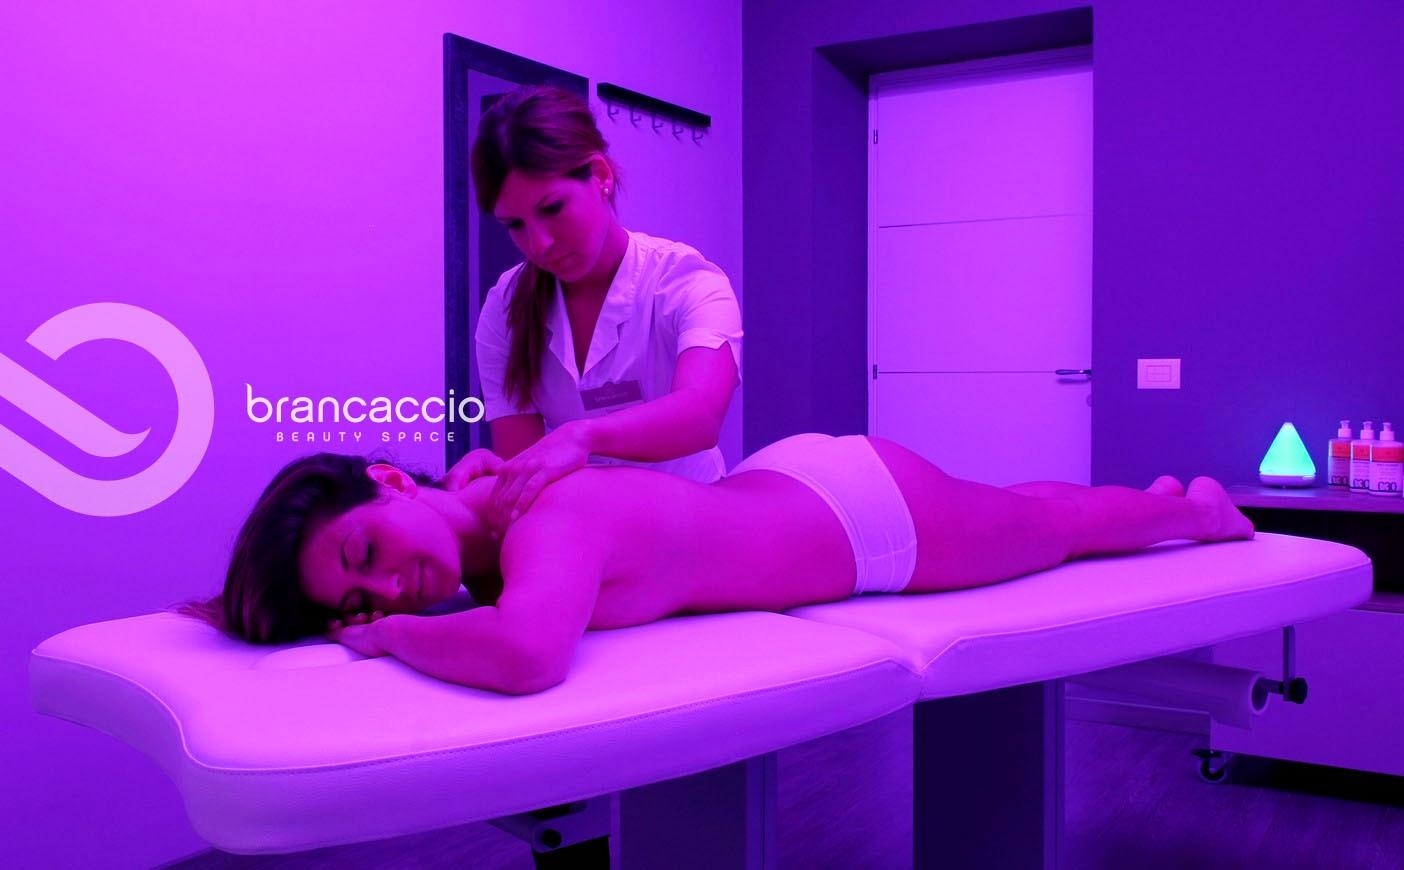 Brancaccio_beauty_space_salerno_11